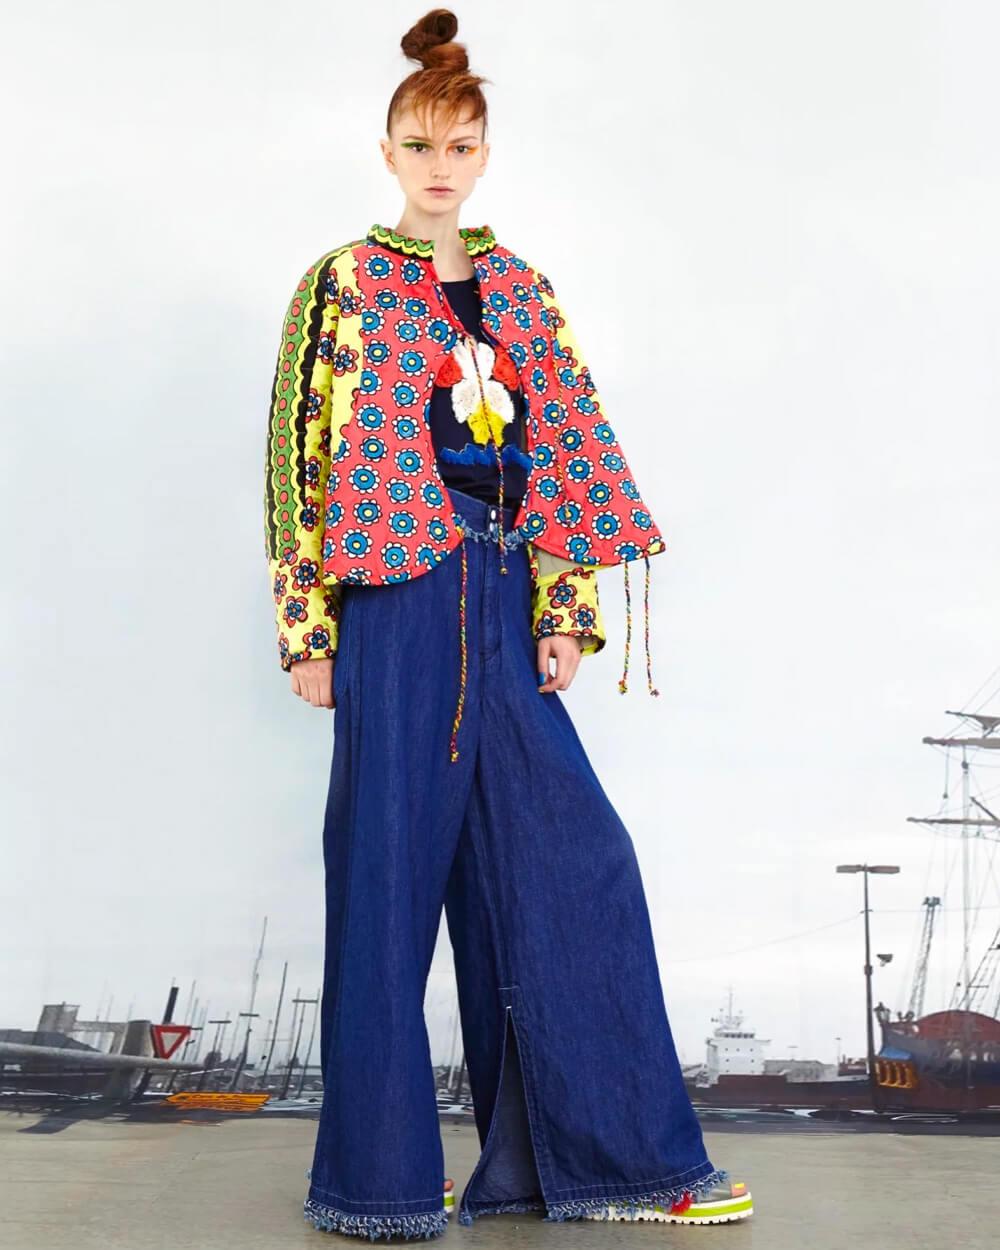 Chisato Tsumori 2020 fashion collection